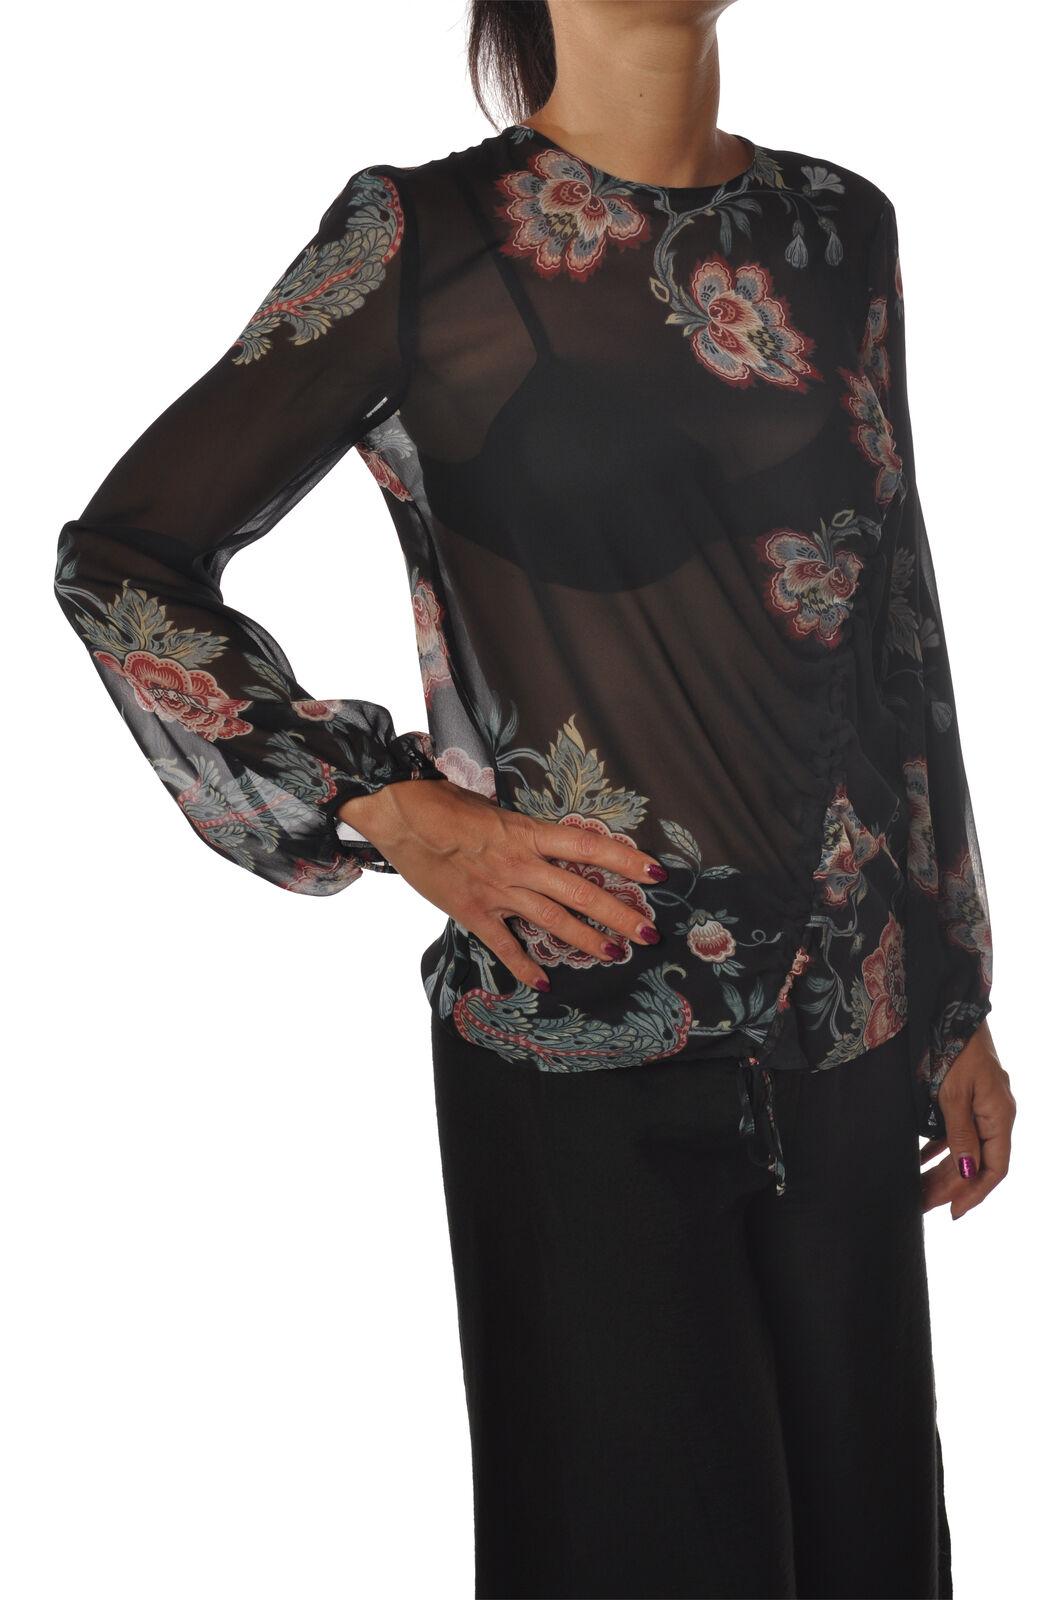 Pinko - Shirts-Blouses - Woman - Fantasy - 5374017L183954